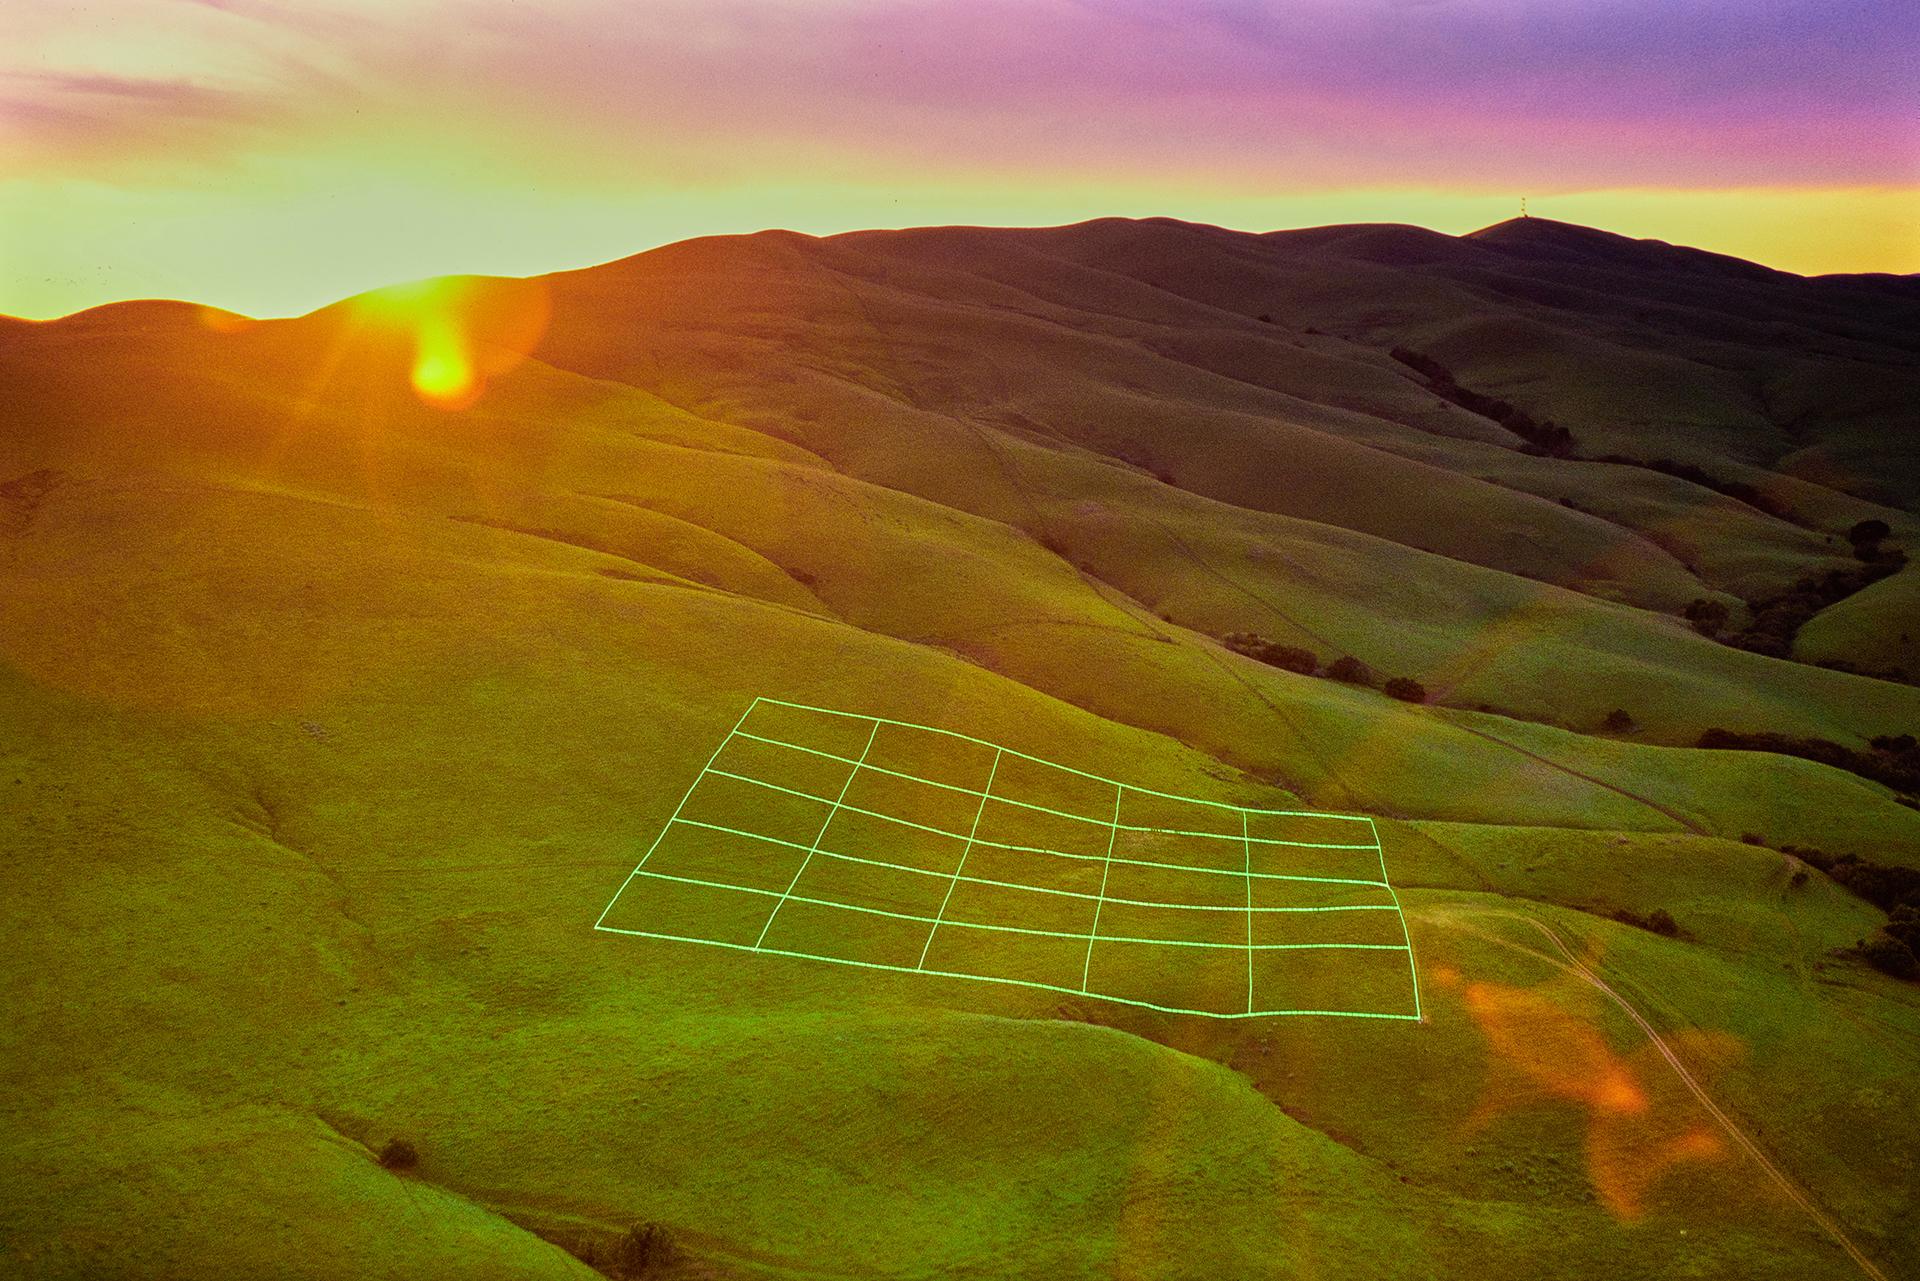 Luminous Earth Grid